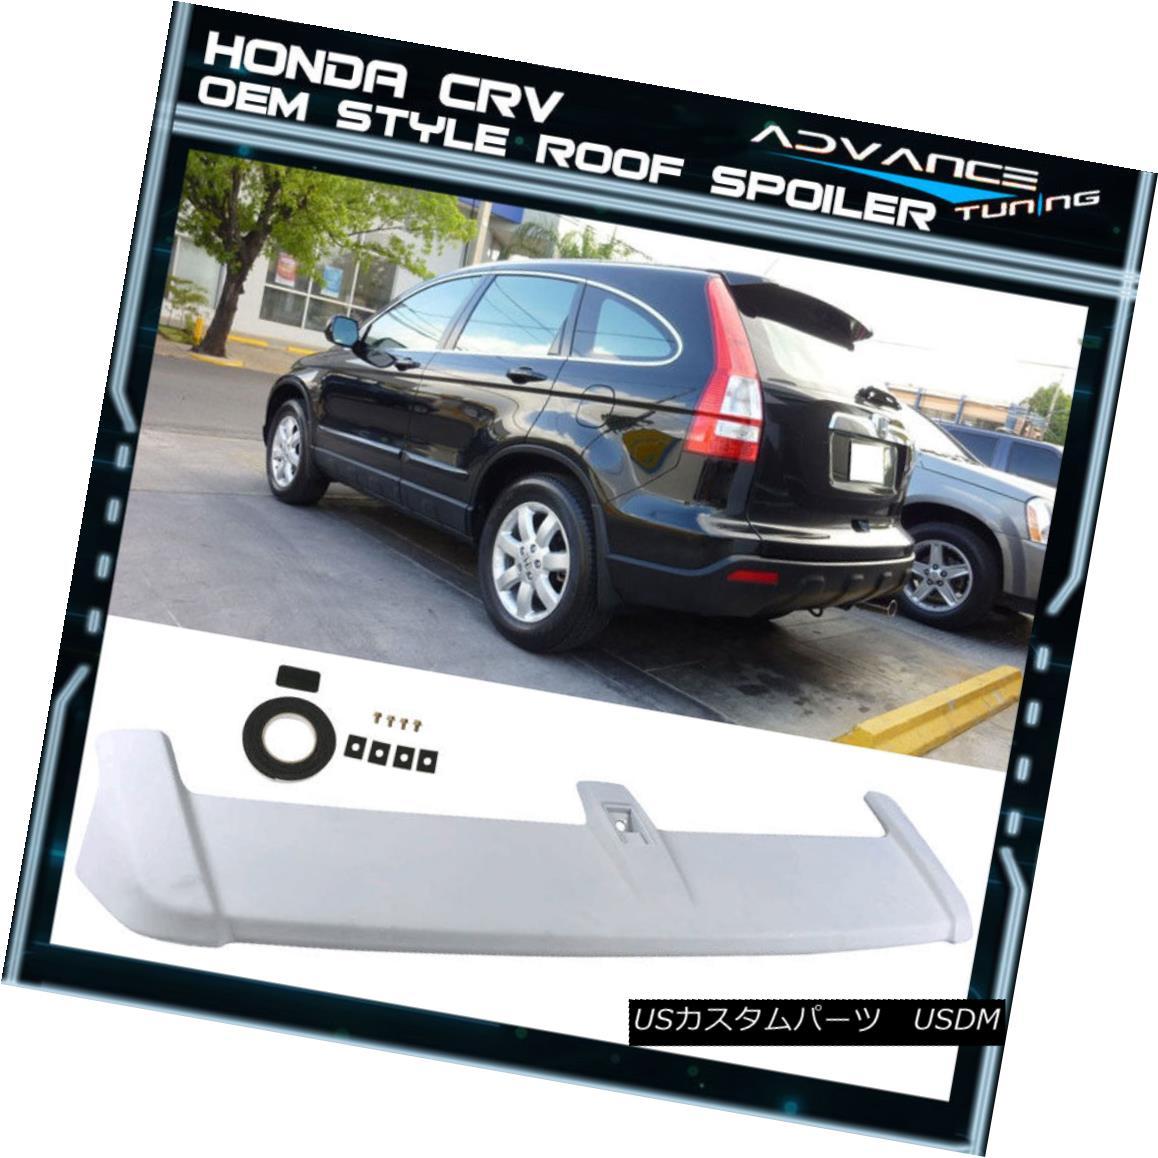 エアロパーツ 07-11 Honda CRV CR-V OE Factory Style Rear Roof Top Spoiler Unpainted ABS Wing 07-11ホンダCRV CR-V OE工場スタイルリアルーフトップスポイラー未塗装ABSウィング